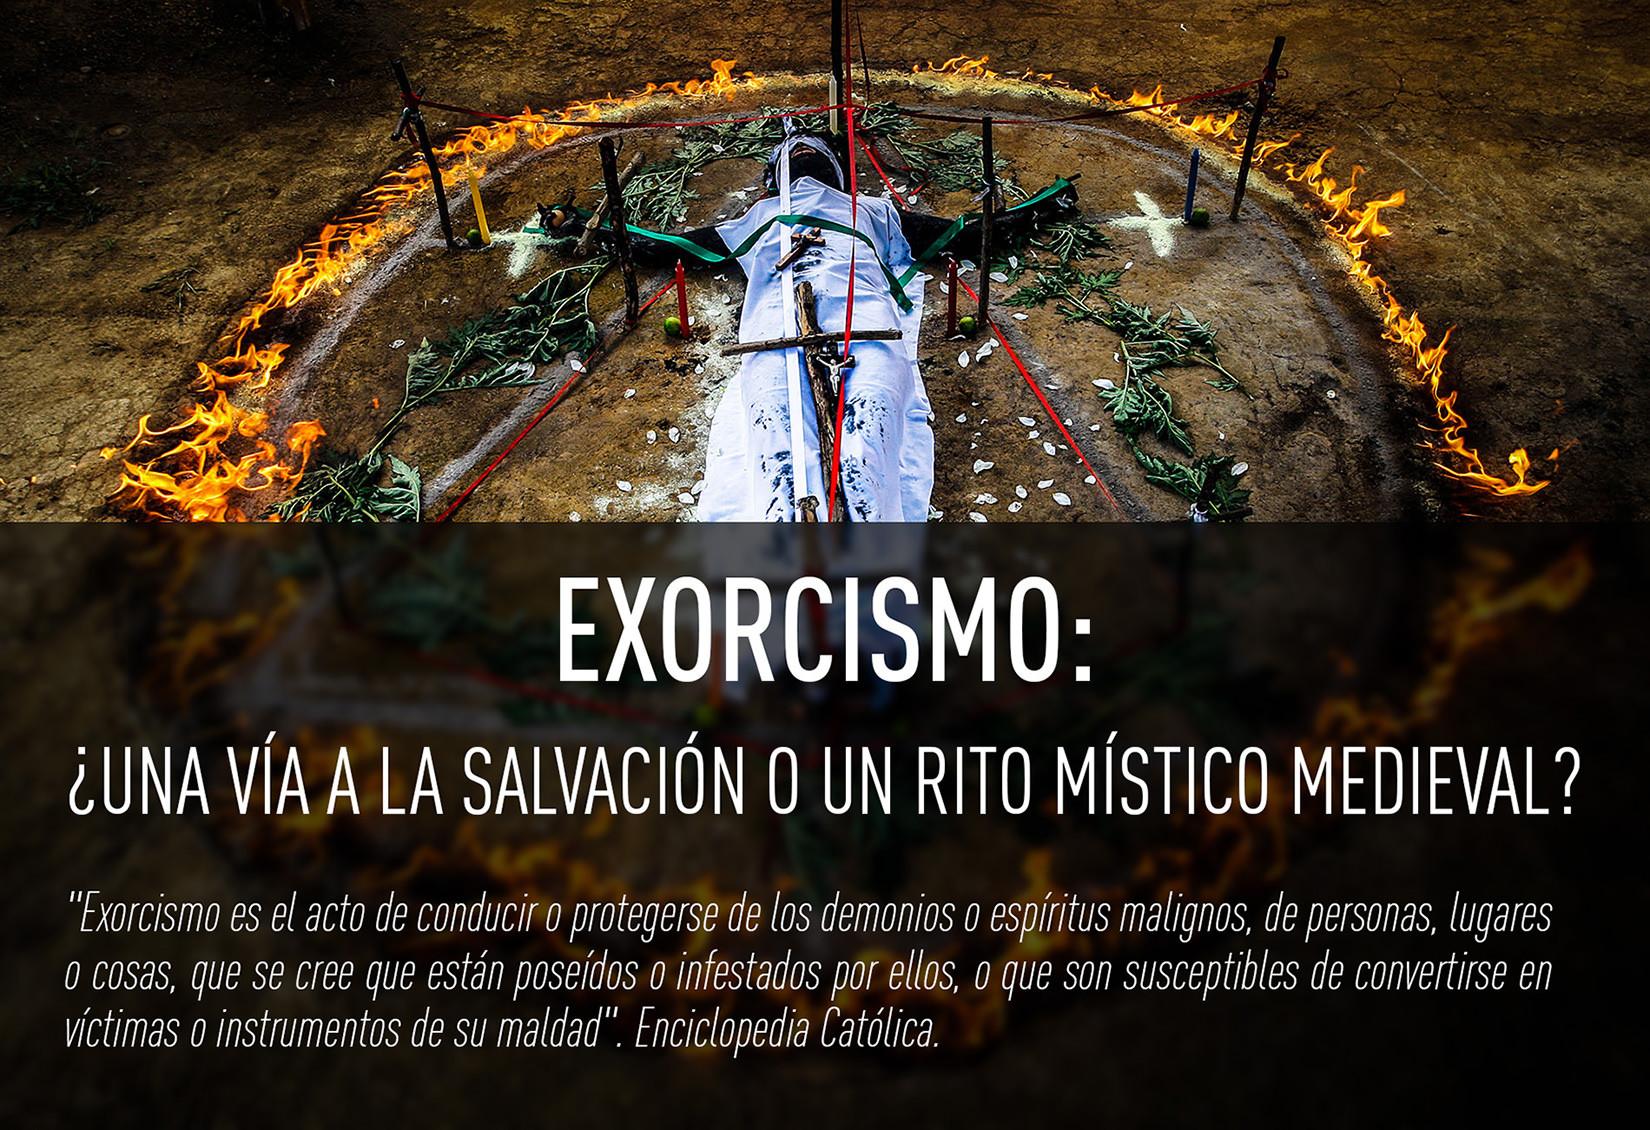 Exorcismo: ¿una vía a la salvación o un rito místico medieval?